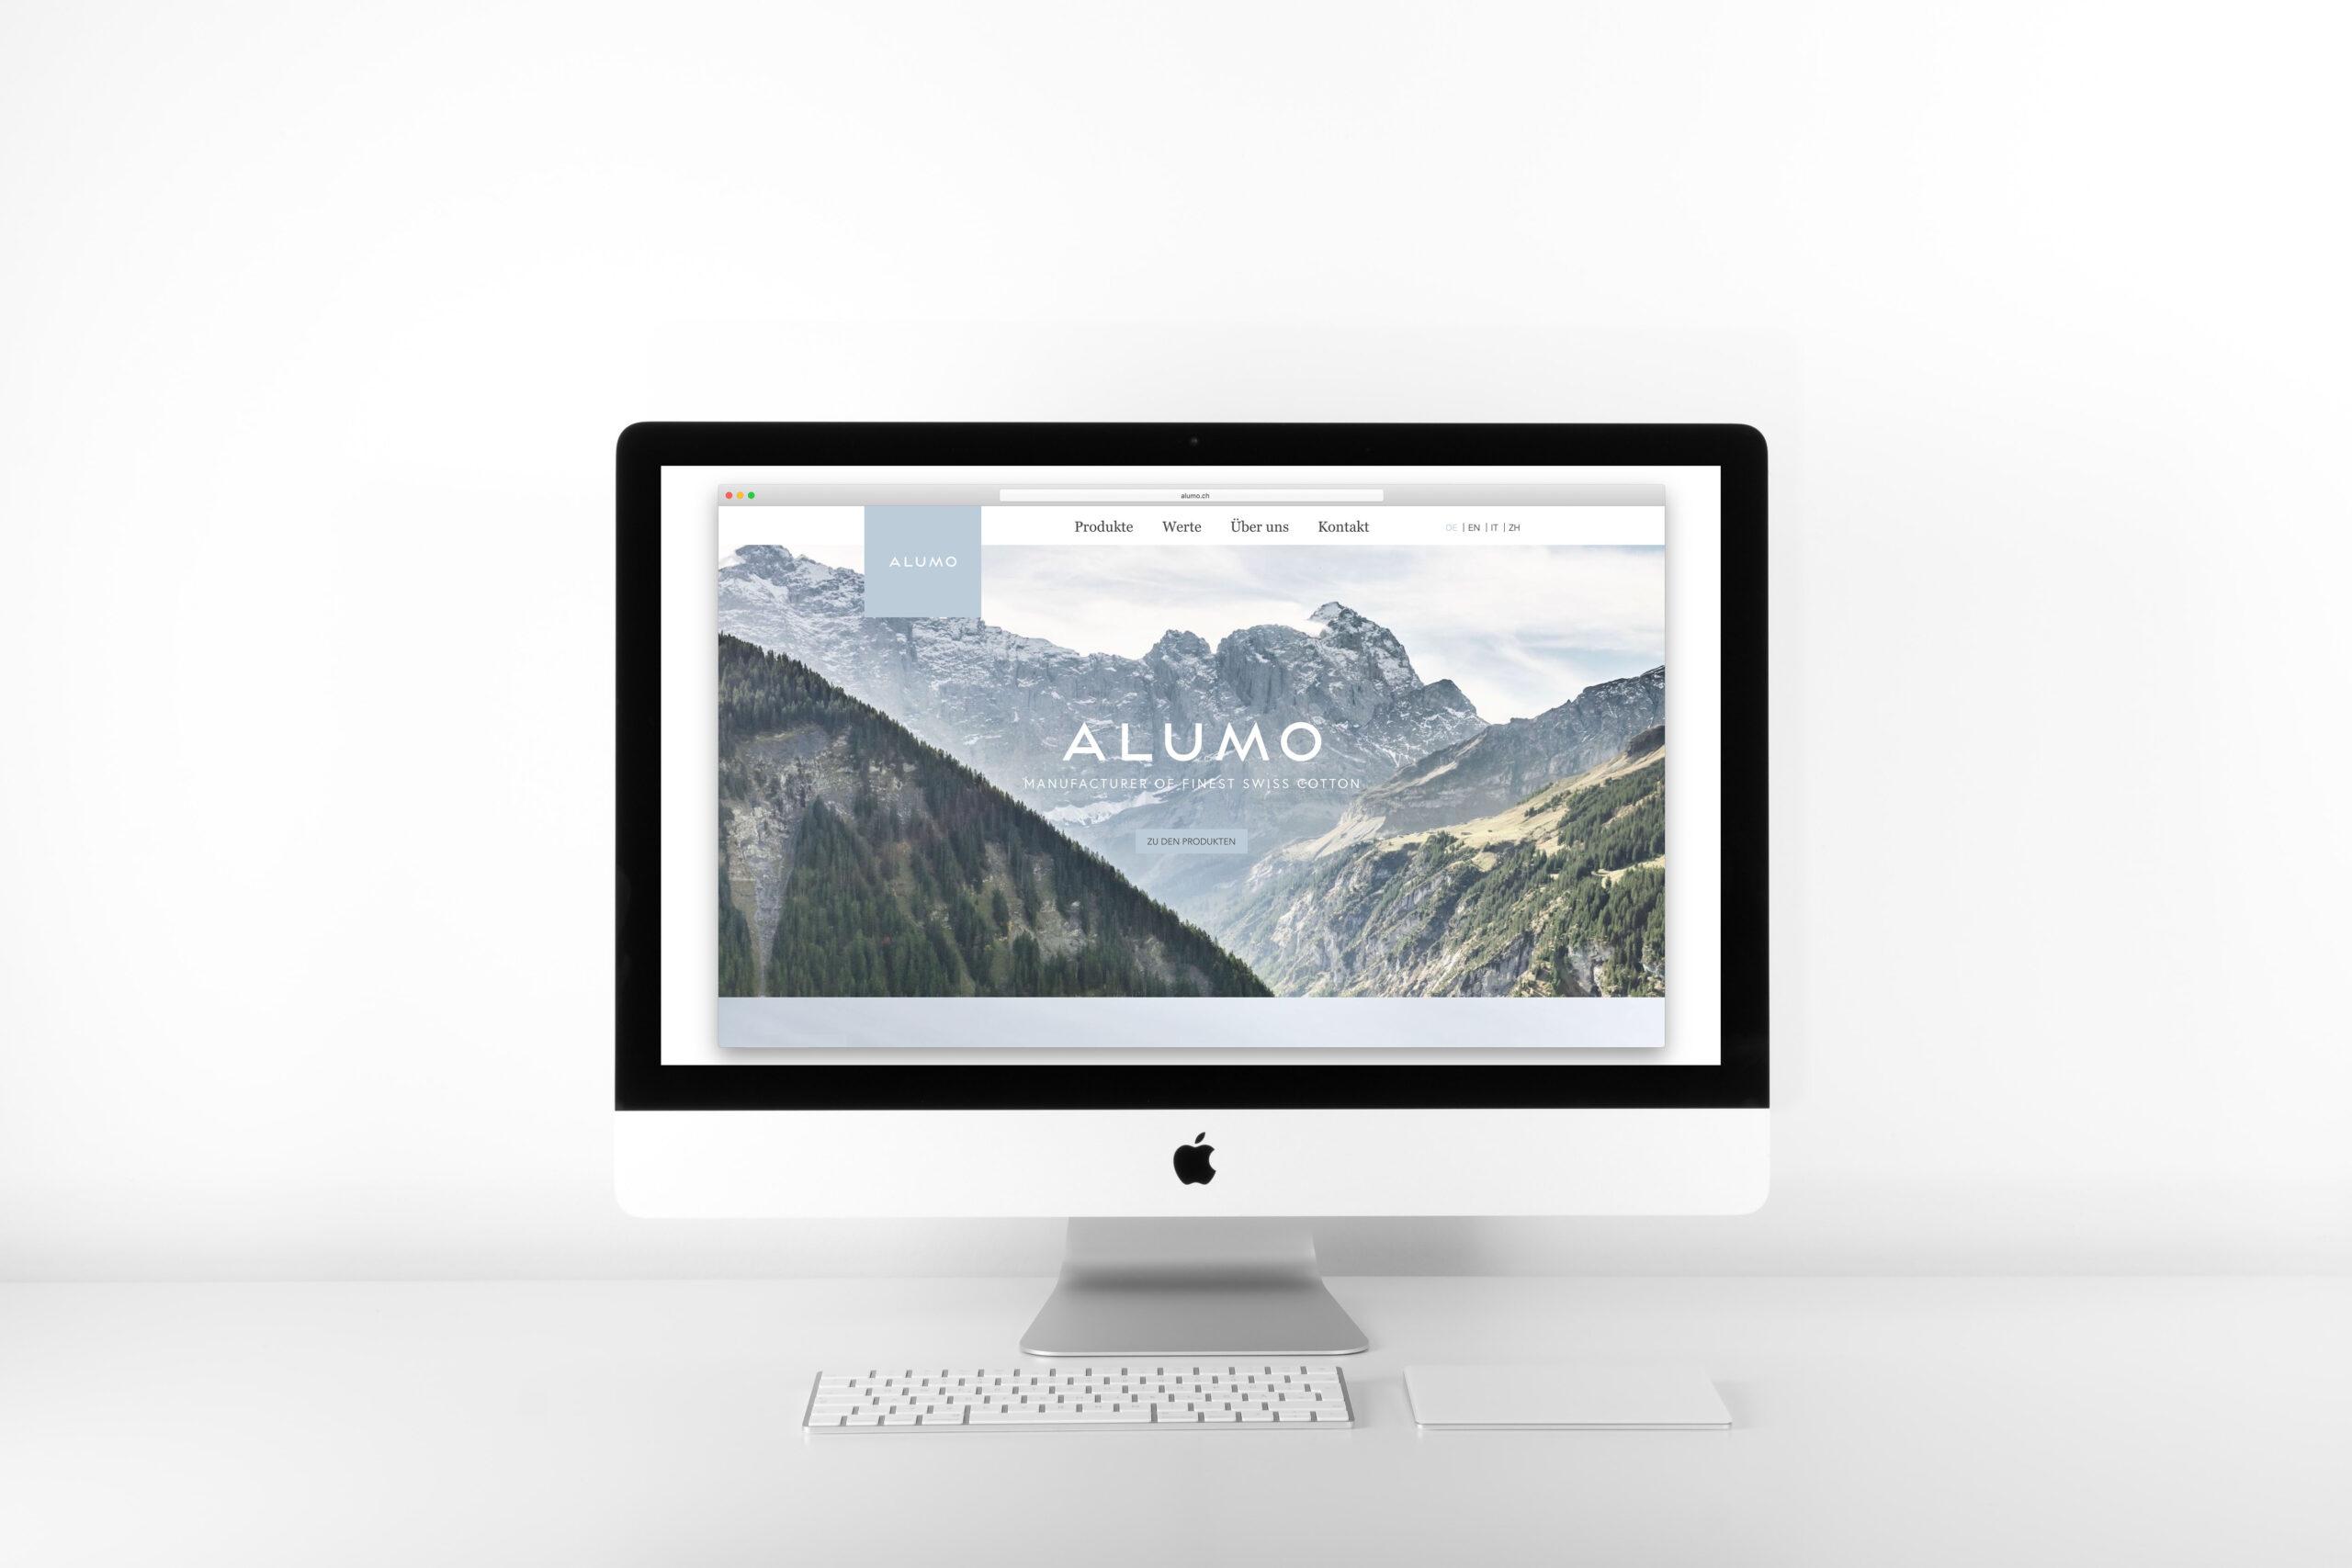 Bürobureau Film und Fotografie Zürich Schaffhausen Alumo Bildwelt und Bildmarke Online Auftritt